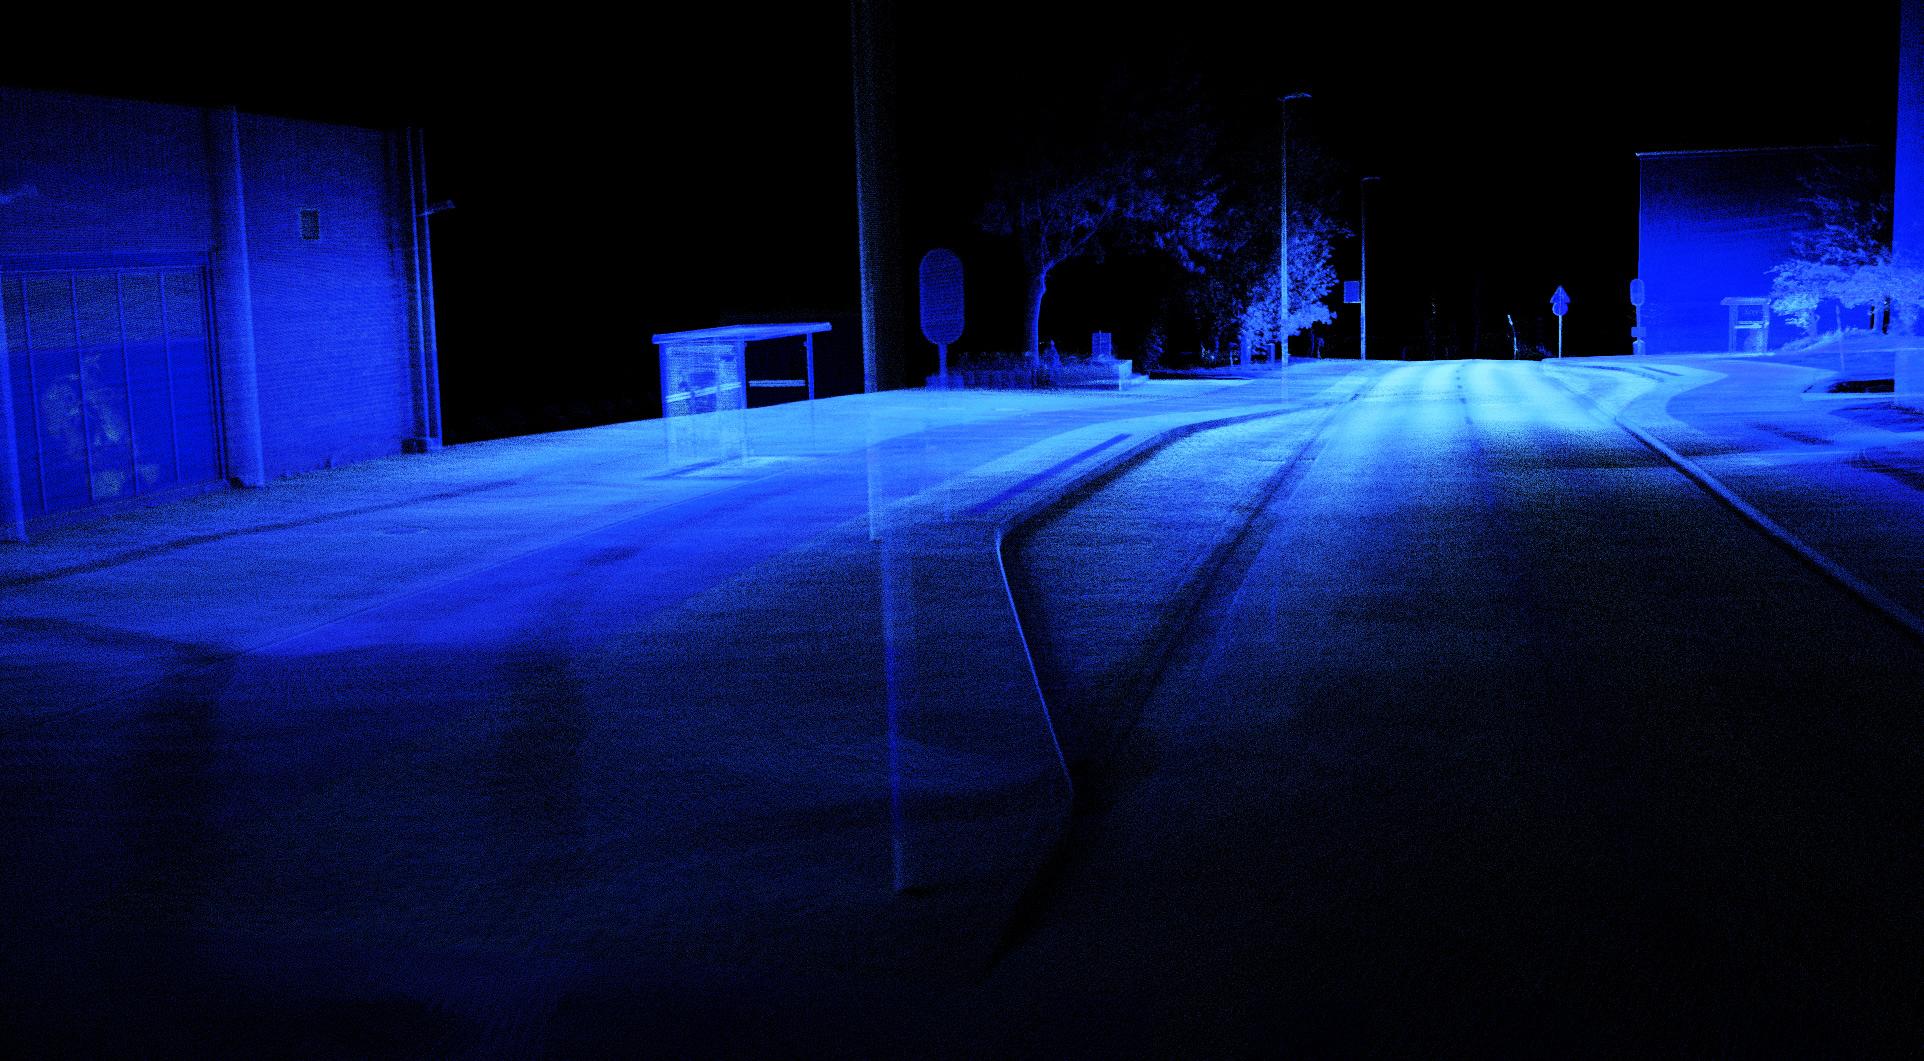 Nahverkehr-Digitalisierung-Mobiler-Laserscanner-03